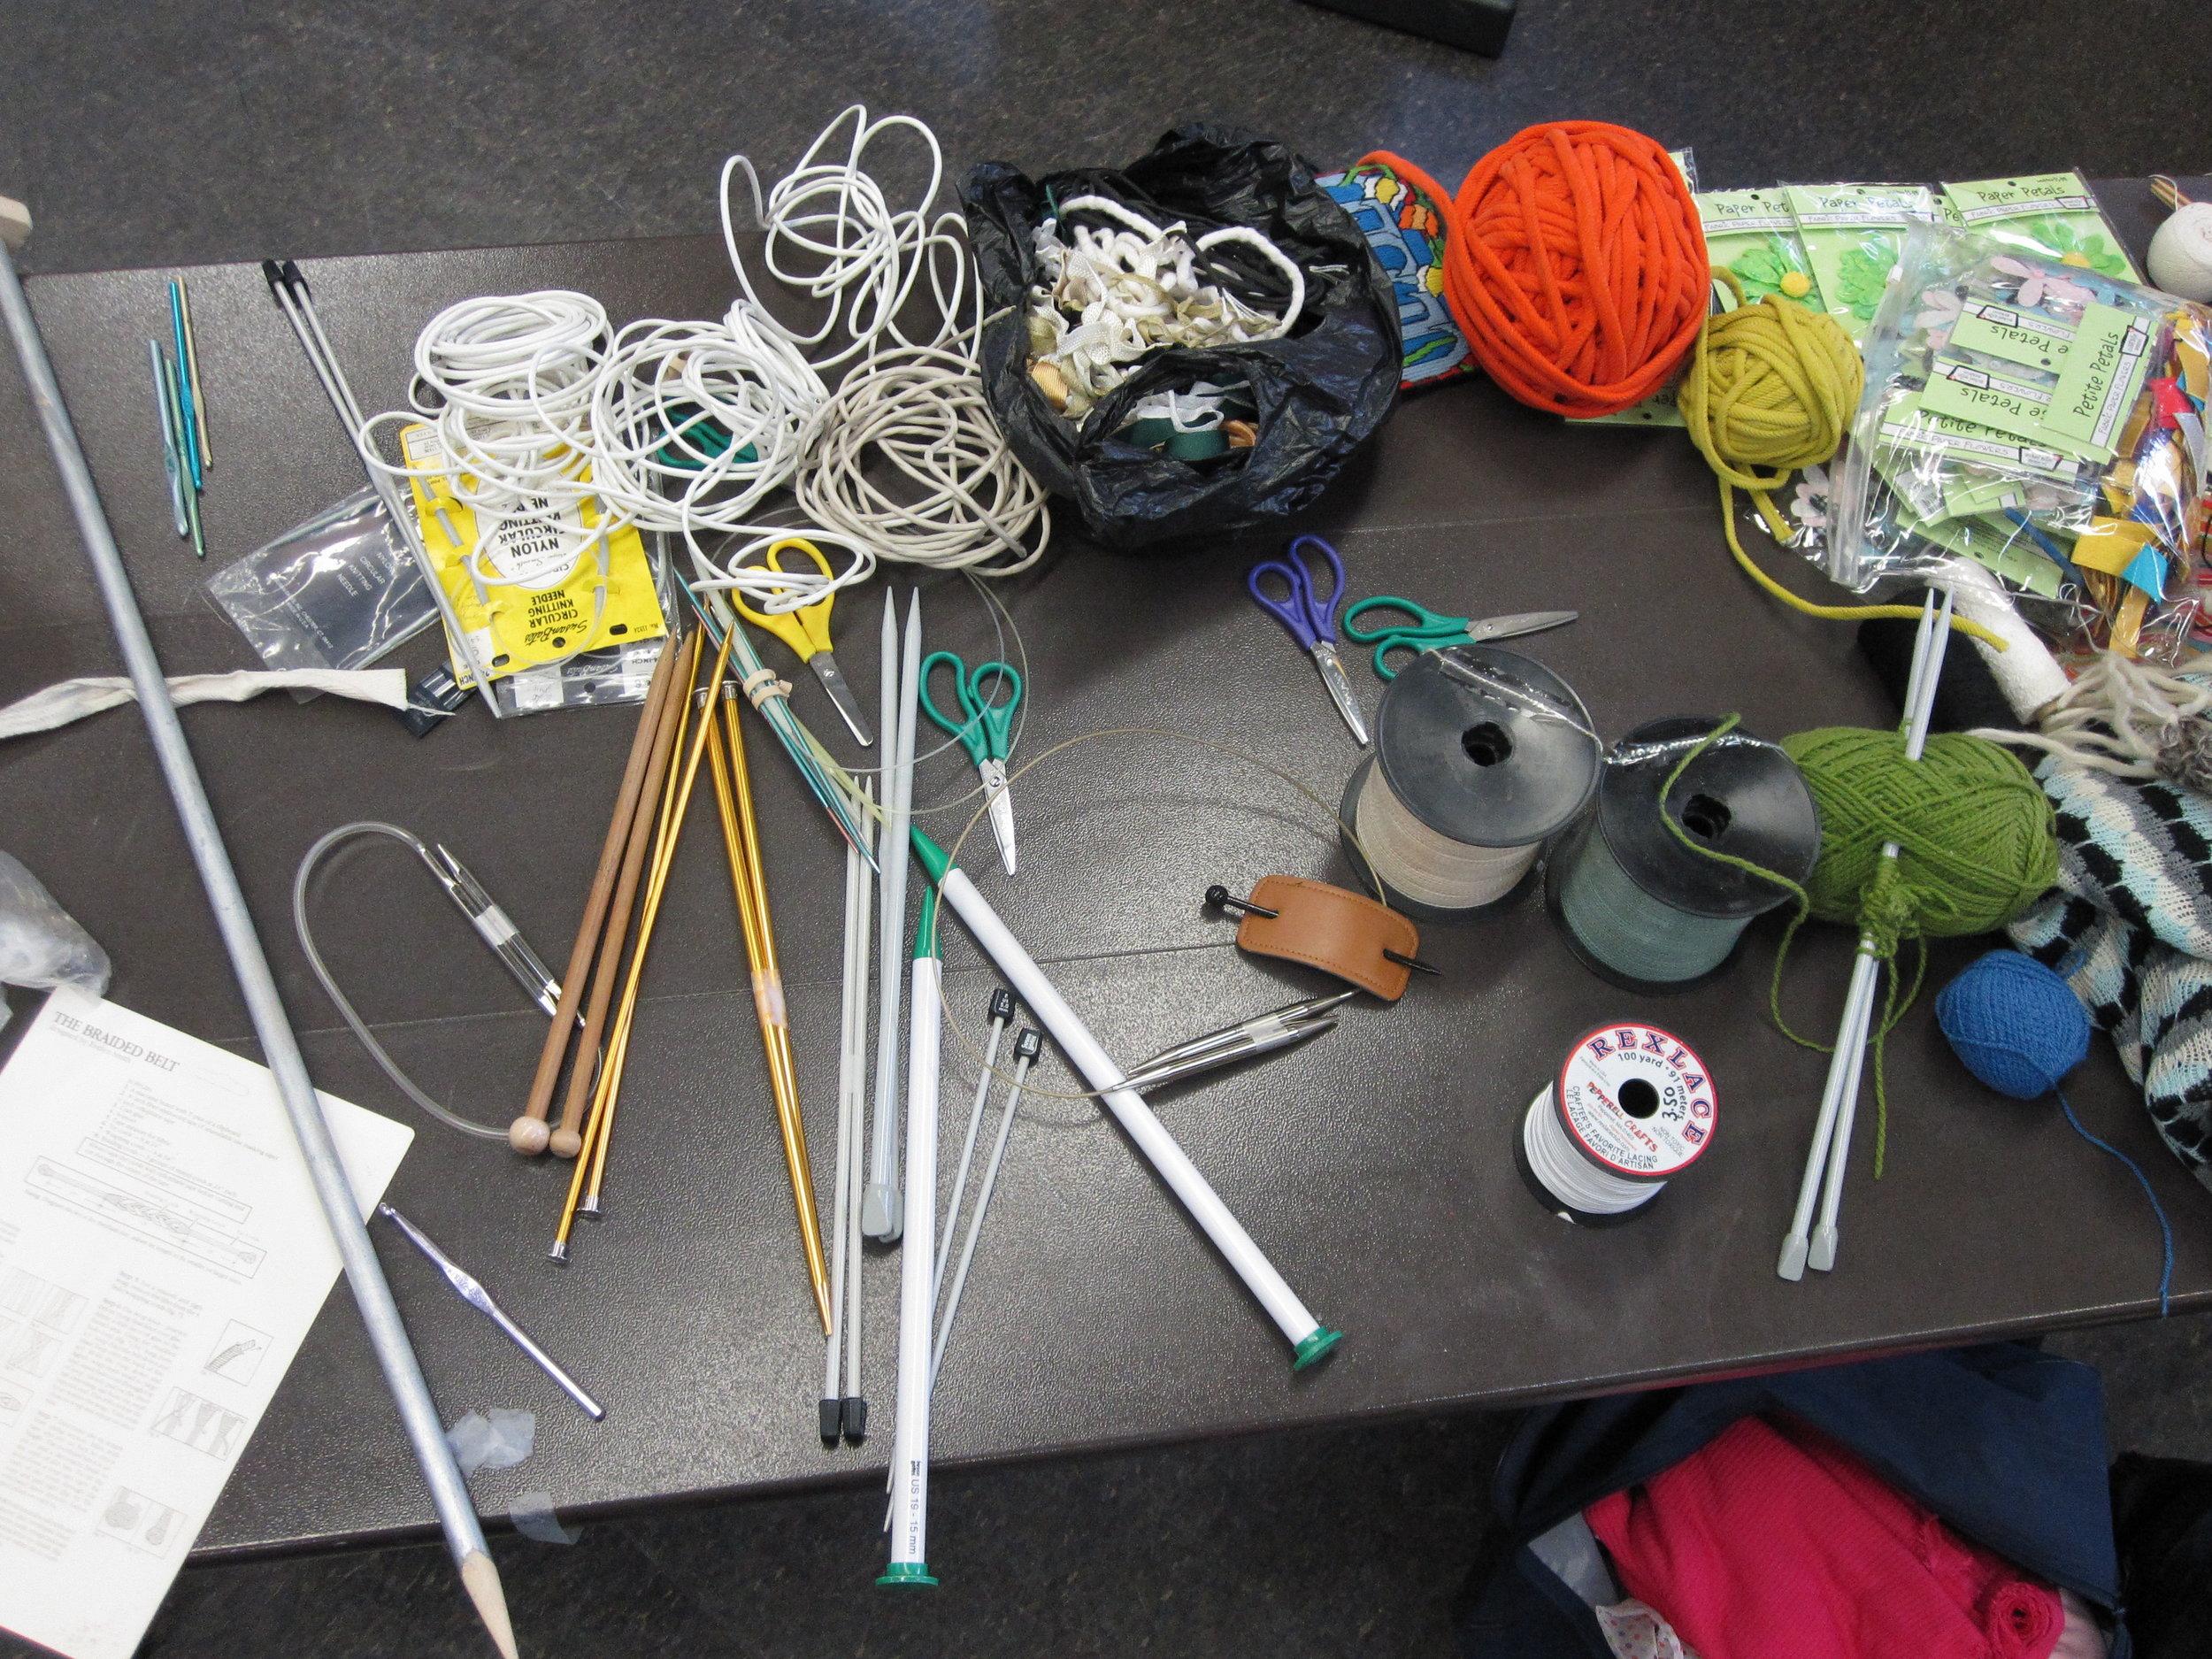 knittingmarathon10_4314427871_o.jpg